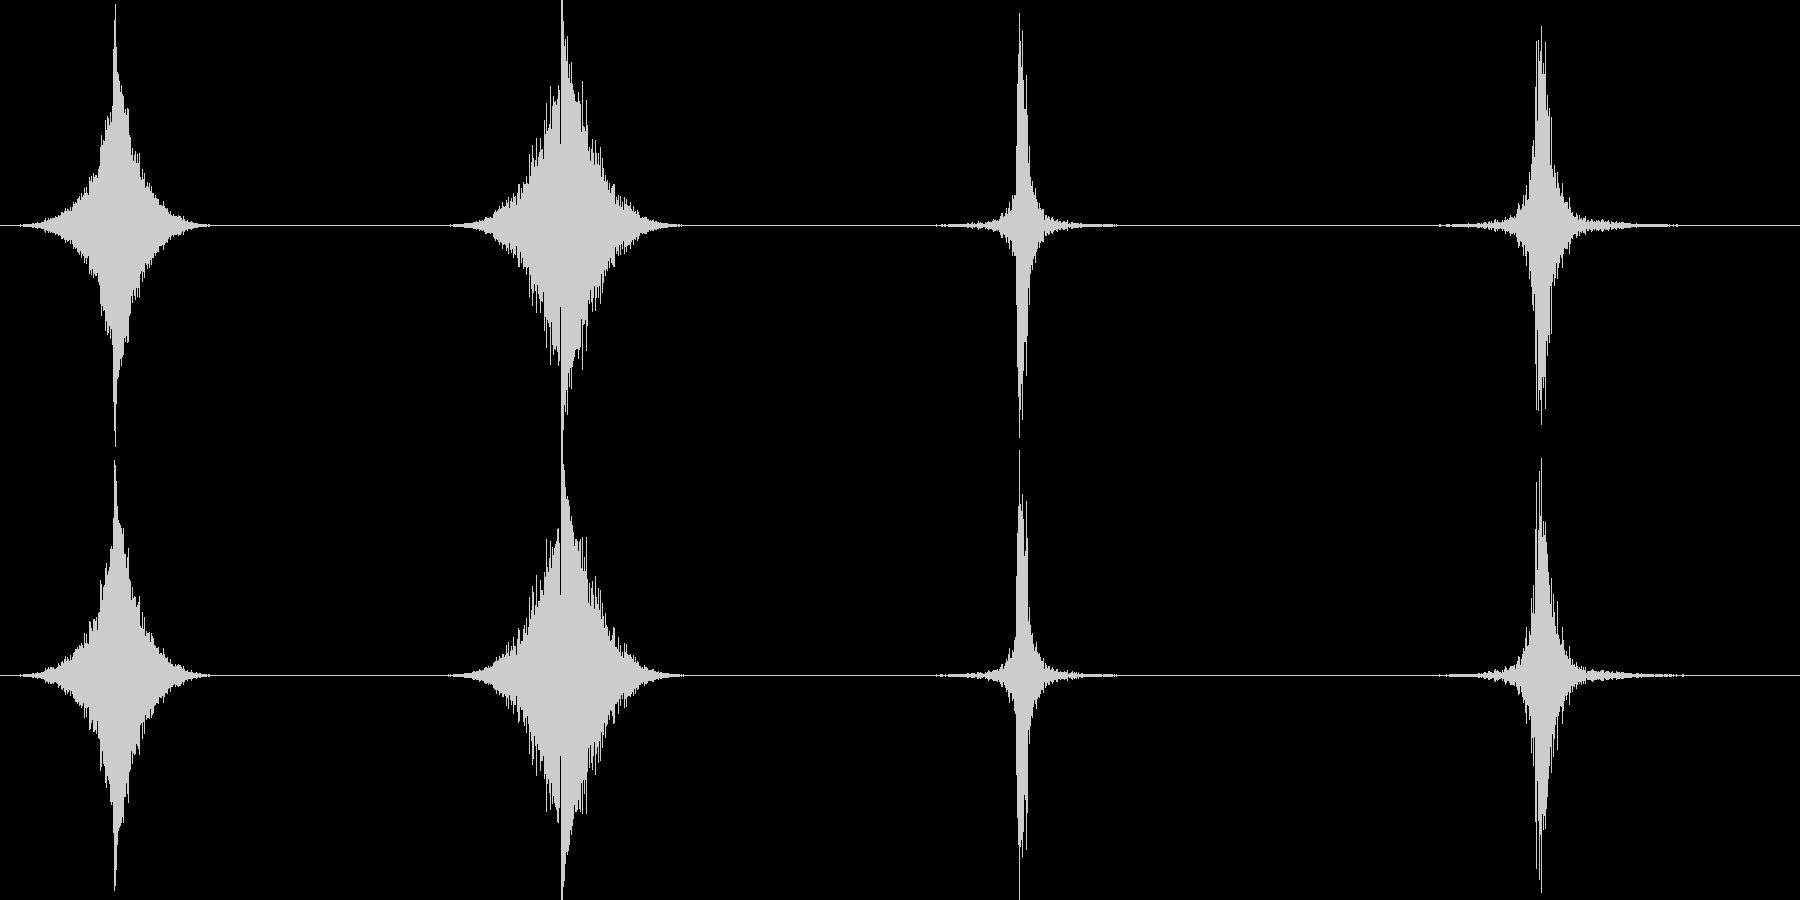 ホイップ、ヒット、インパクト、4バ...の未再生の波形